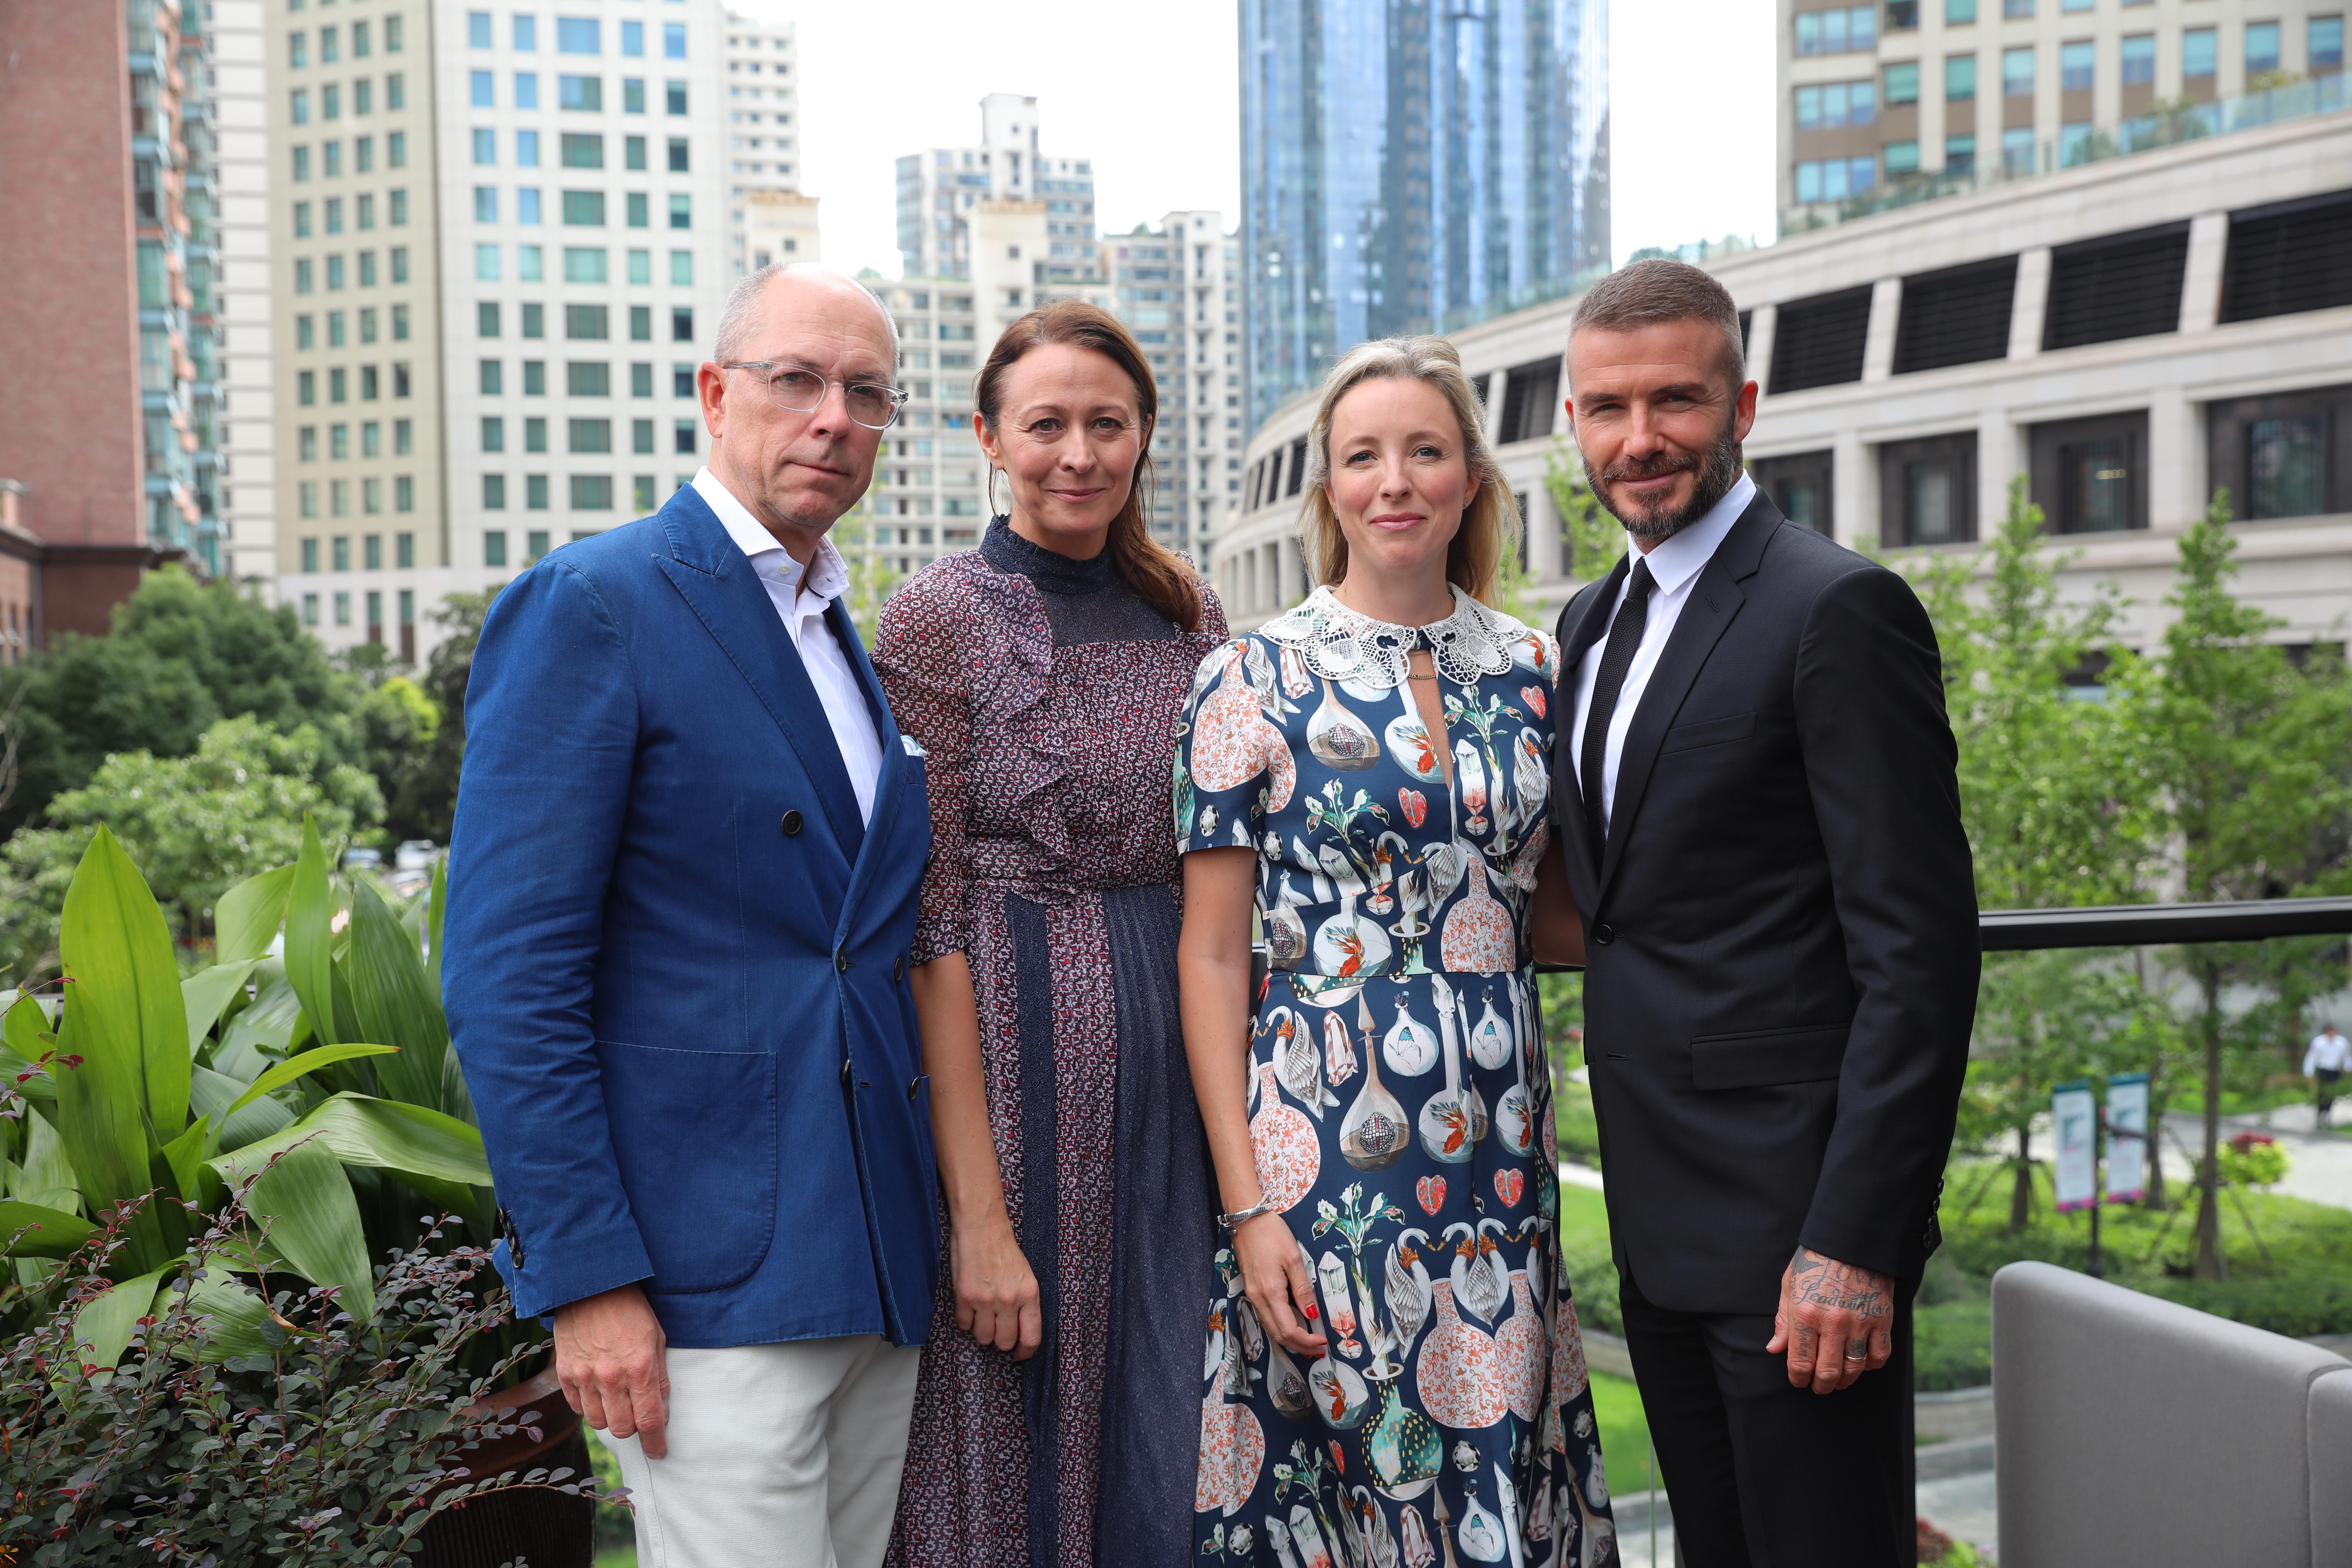 Dylan Jones, Caroline Rush, Stephanie Phair & David Beckham at The Middle House Shanghai